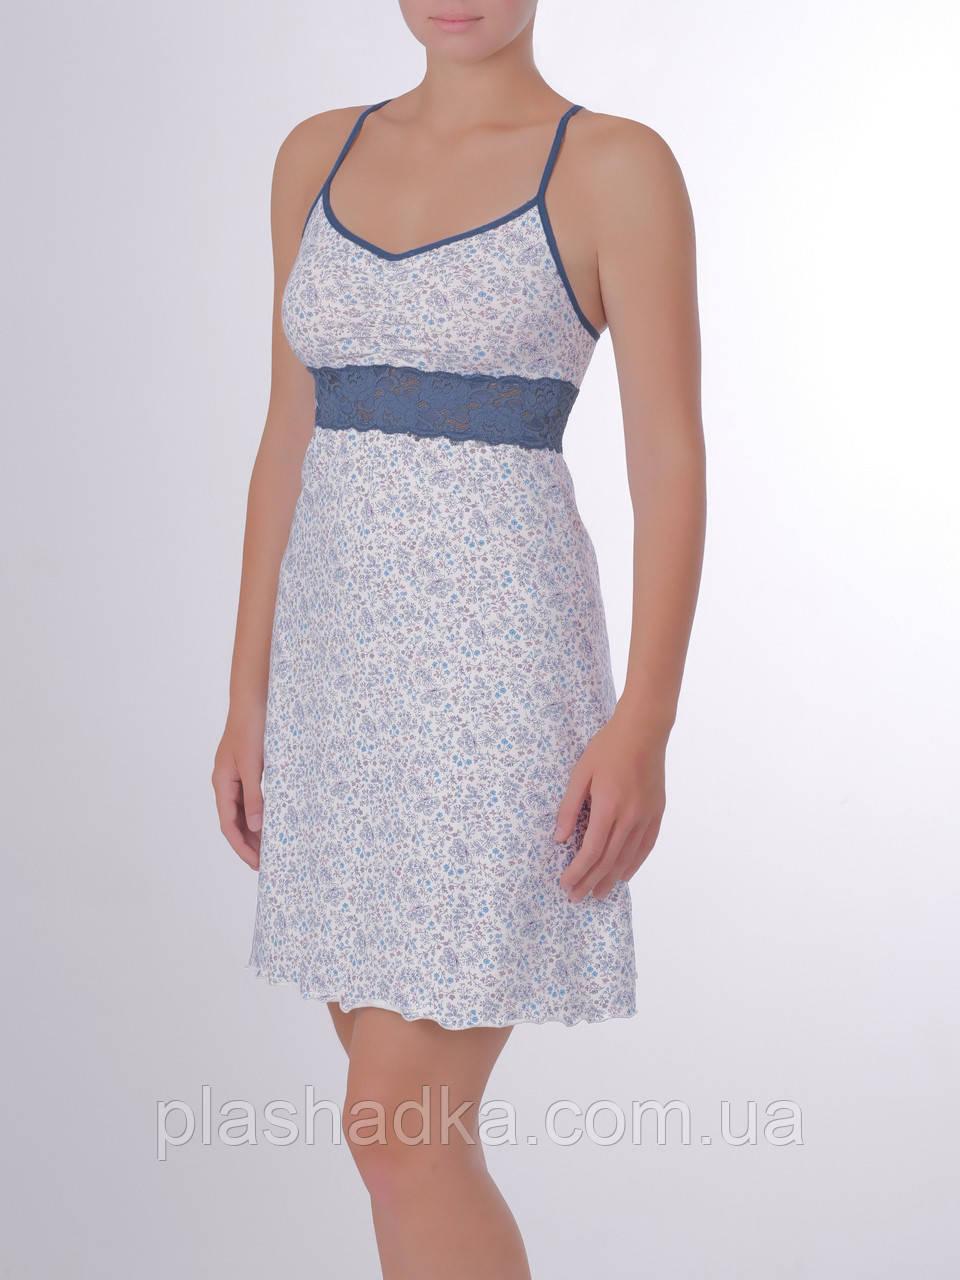 Женская ночная сорочка в цветочный принт, василек+индиго